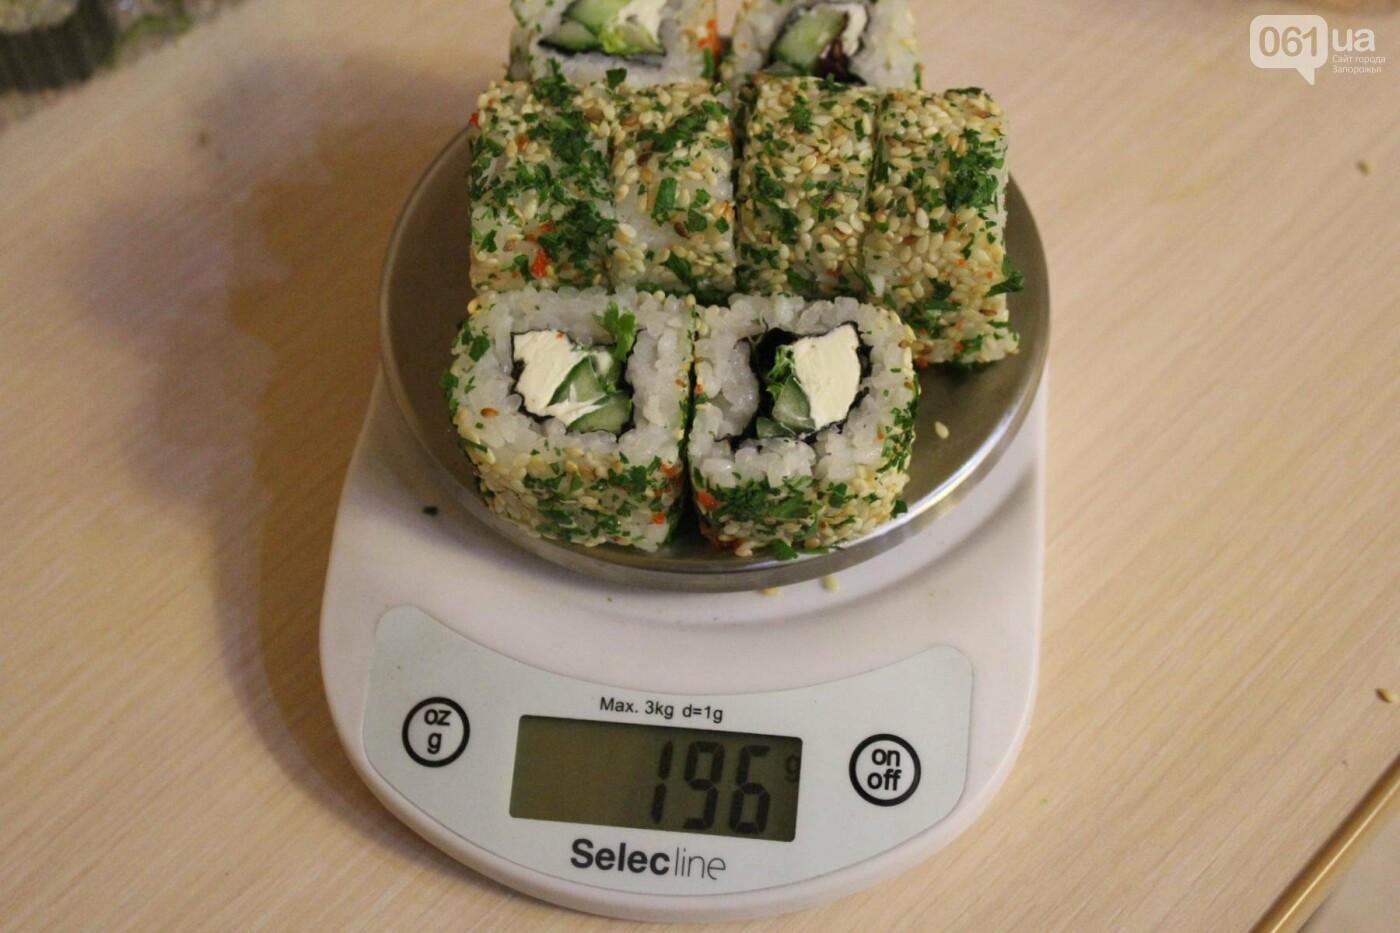 Тест-драйв доставки суши в Запорожье: 24rolls , фото-27